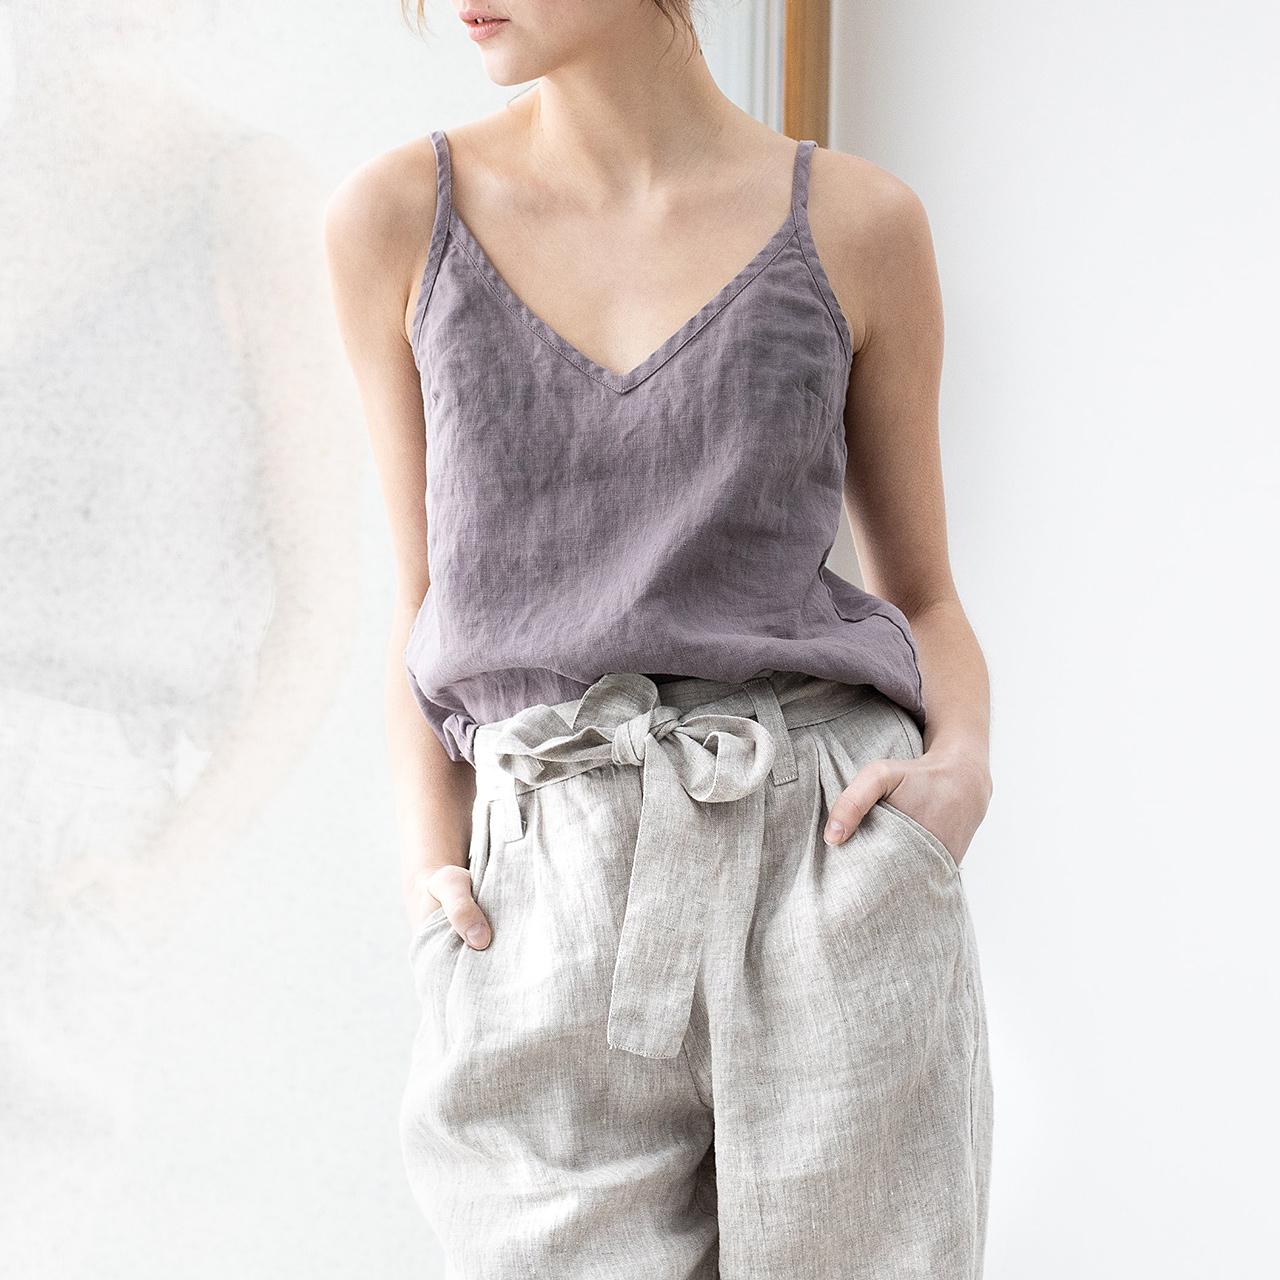 棉麻吊带背心女夏外穿宽松苎麻紫色内搭v领无袖亚麻纯色打底上衣